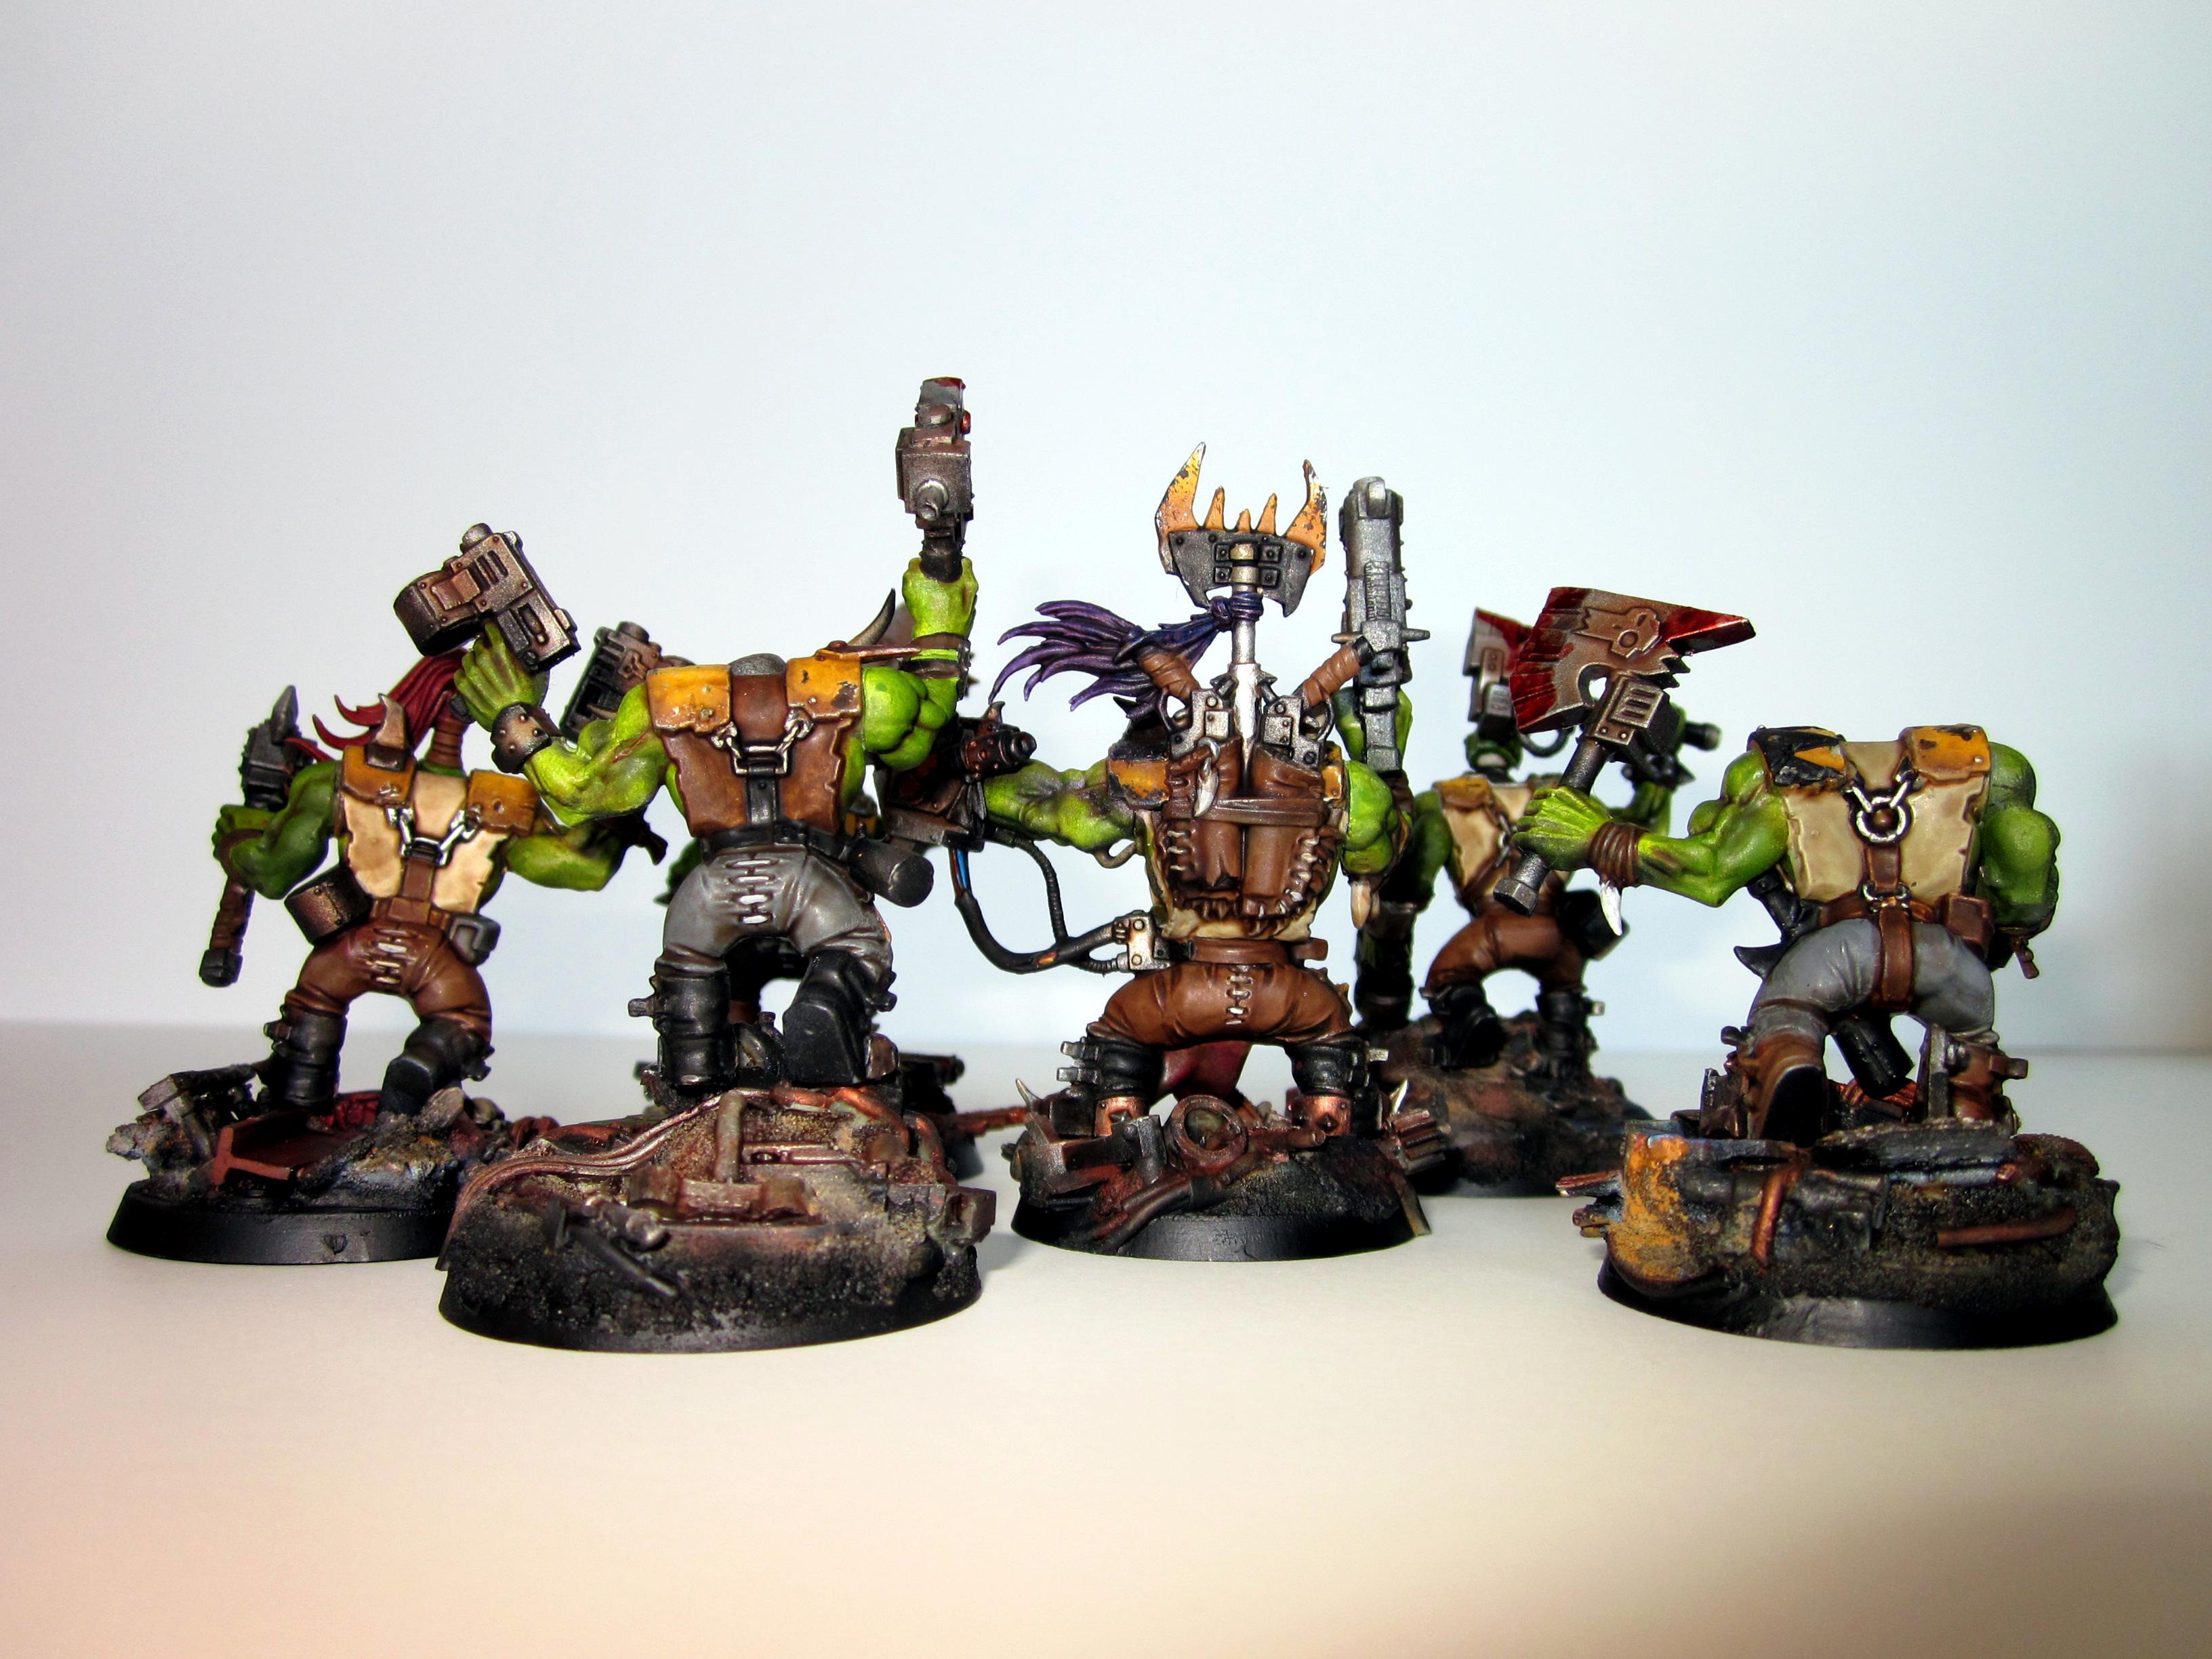 Bad Moonz, Nob, Orks, Warboss